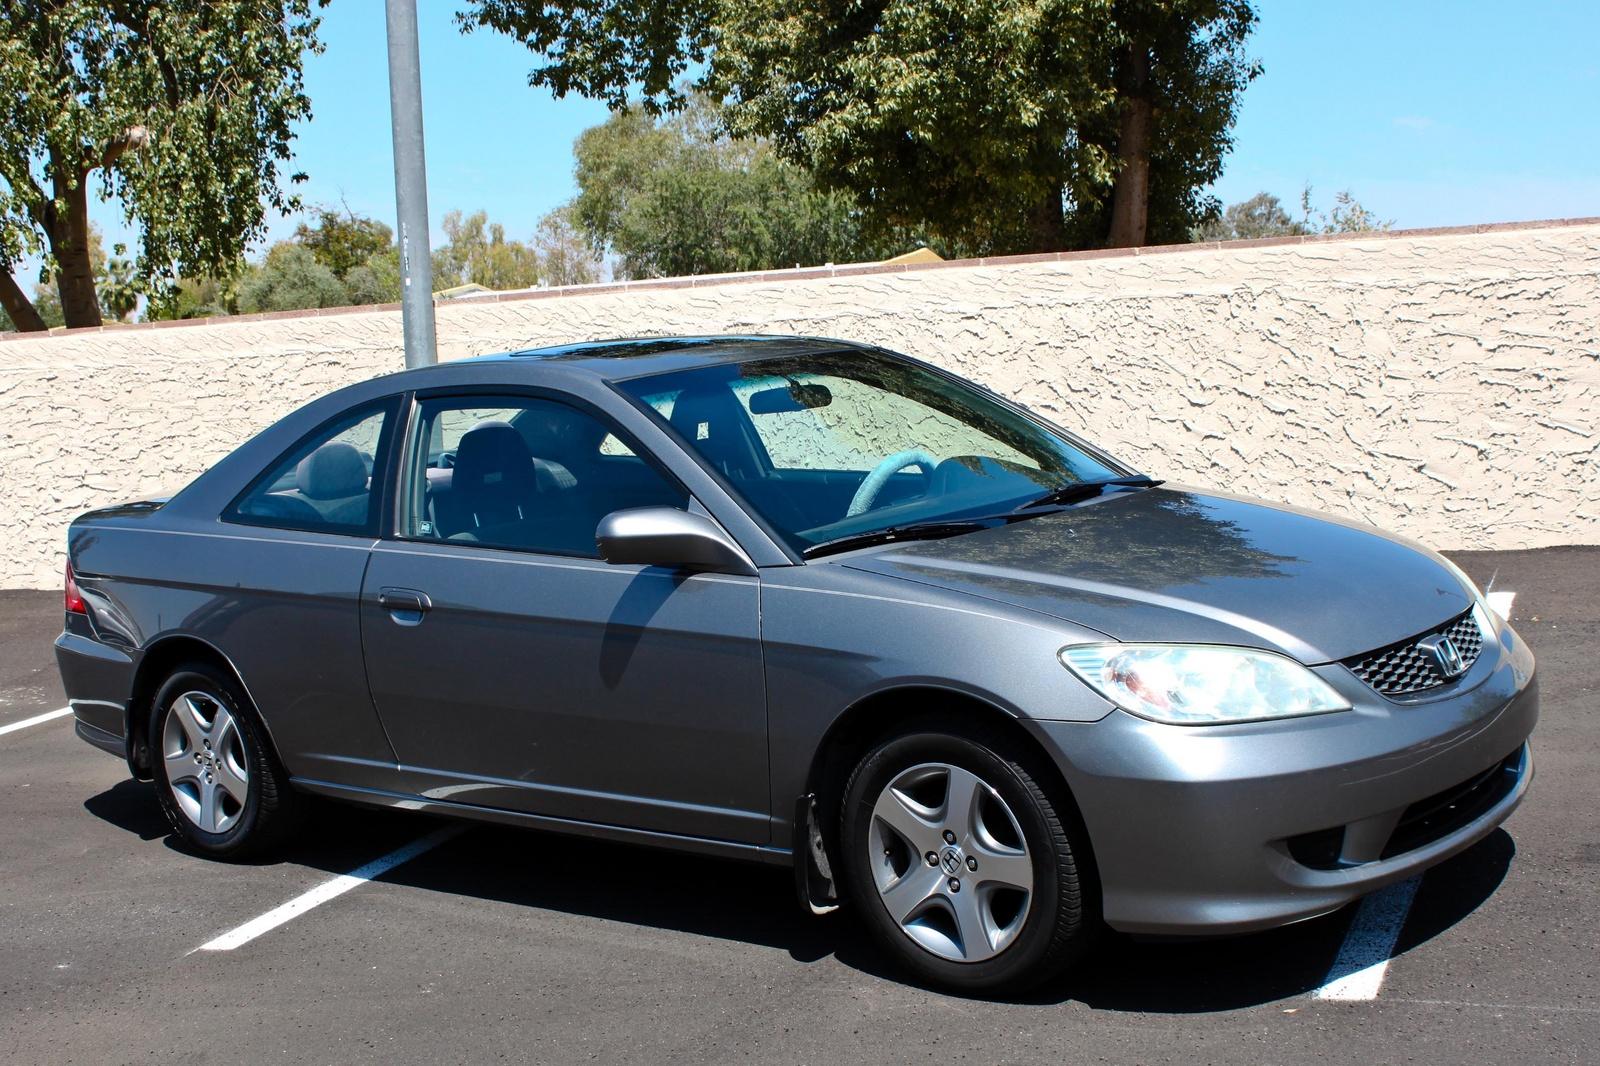 2004 Honda Civic #10 Honda Civic #10